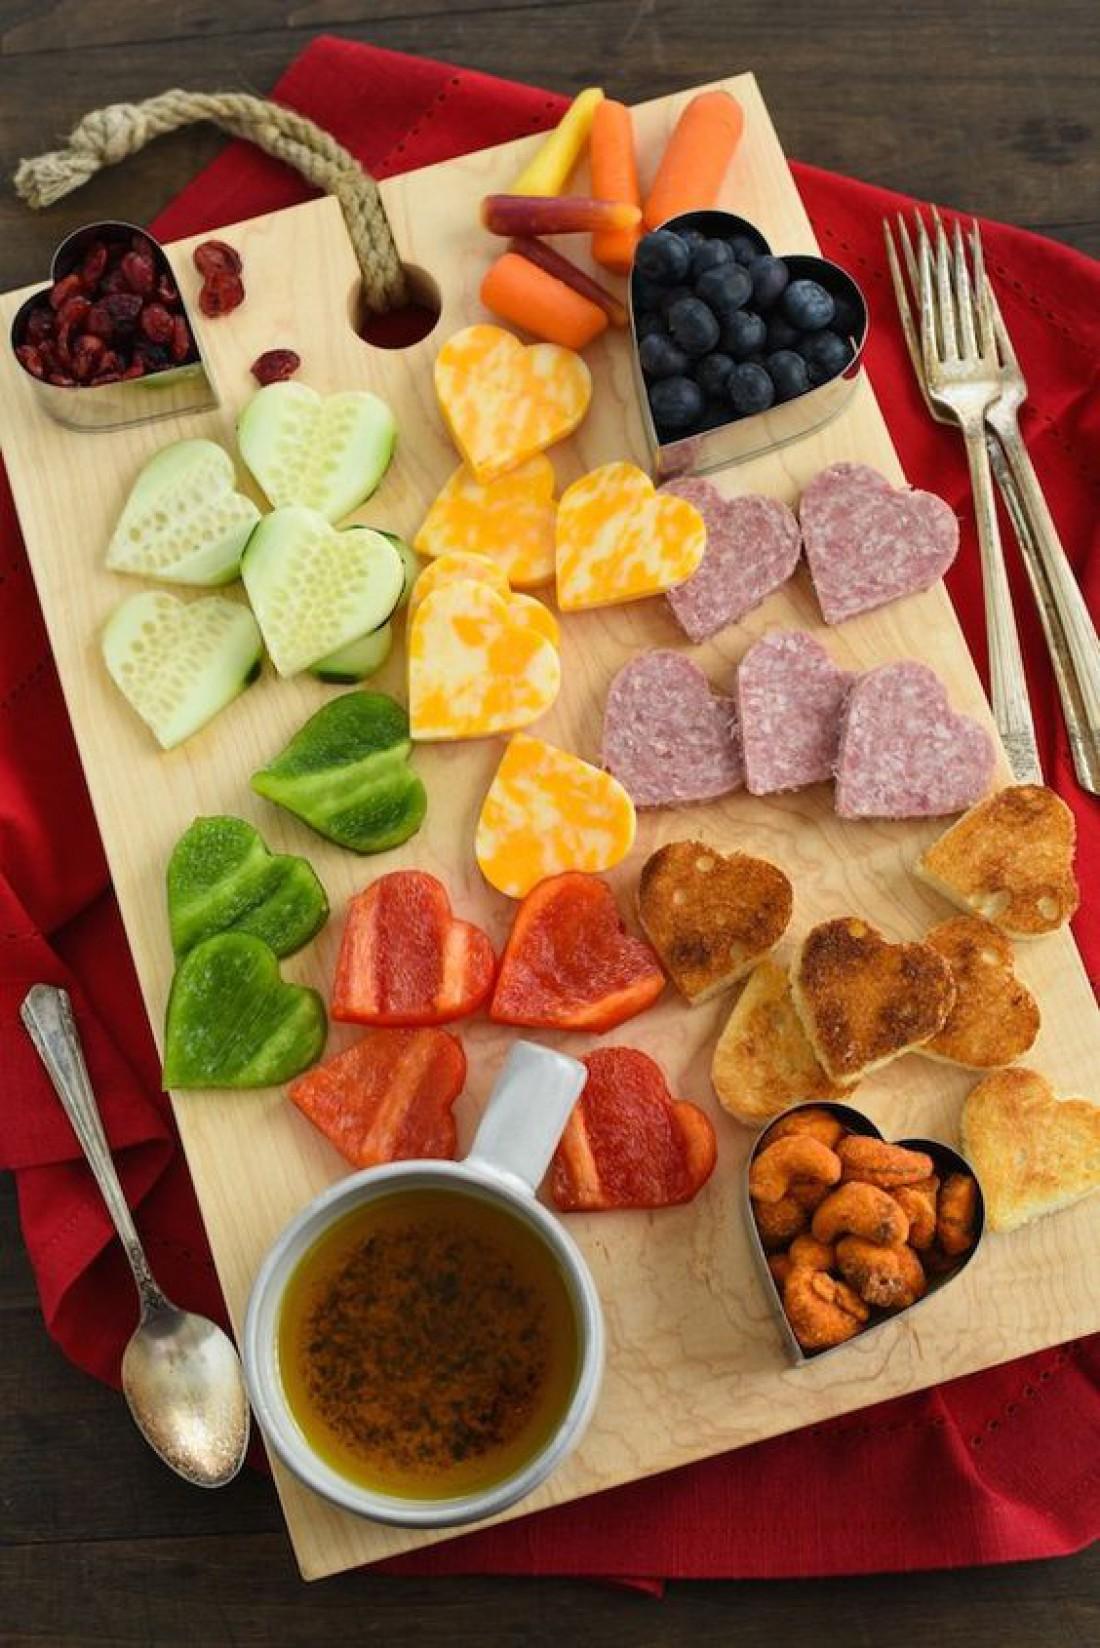 Завтрак в постель на День святого Валентина - Фуршет из закусок